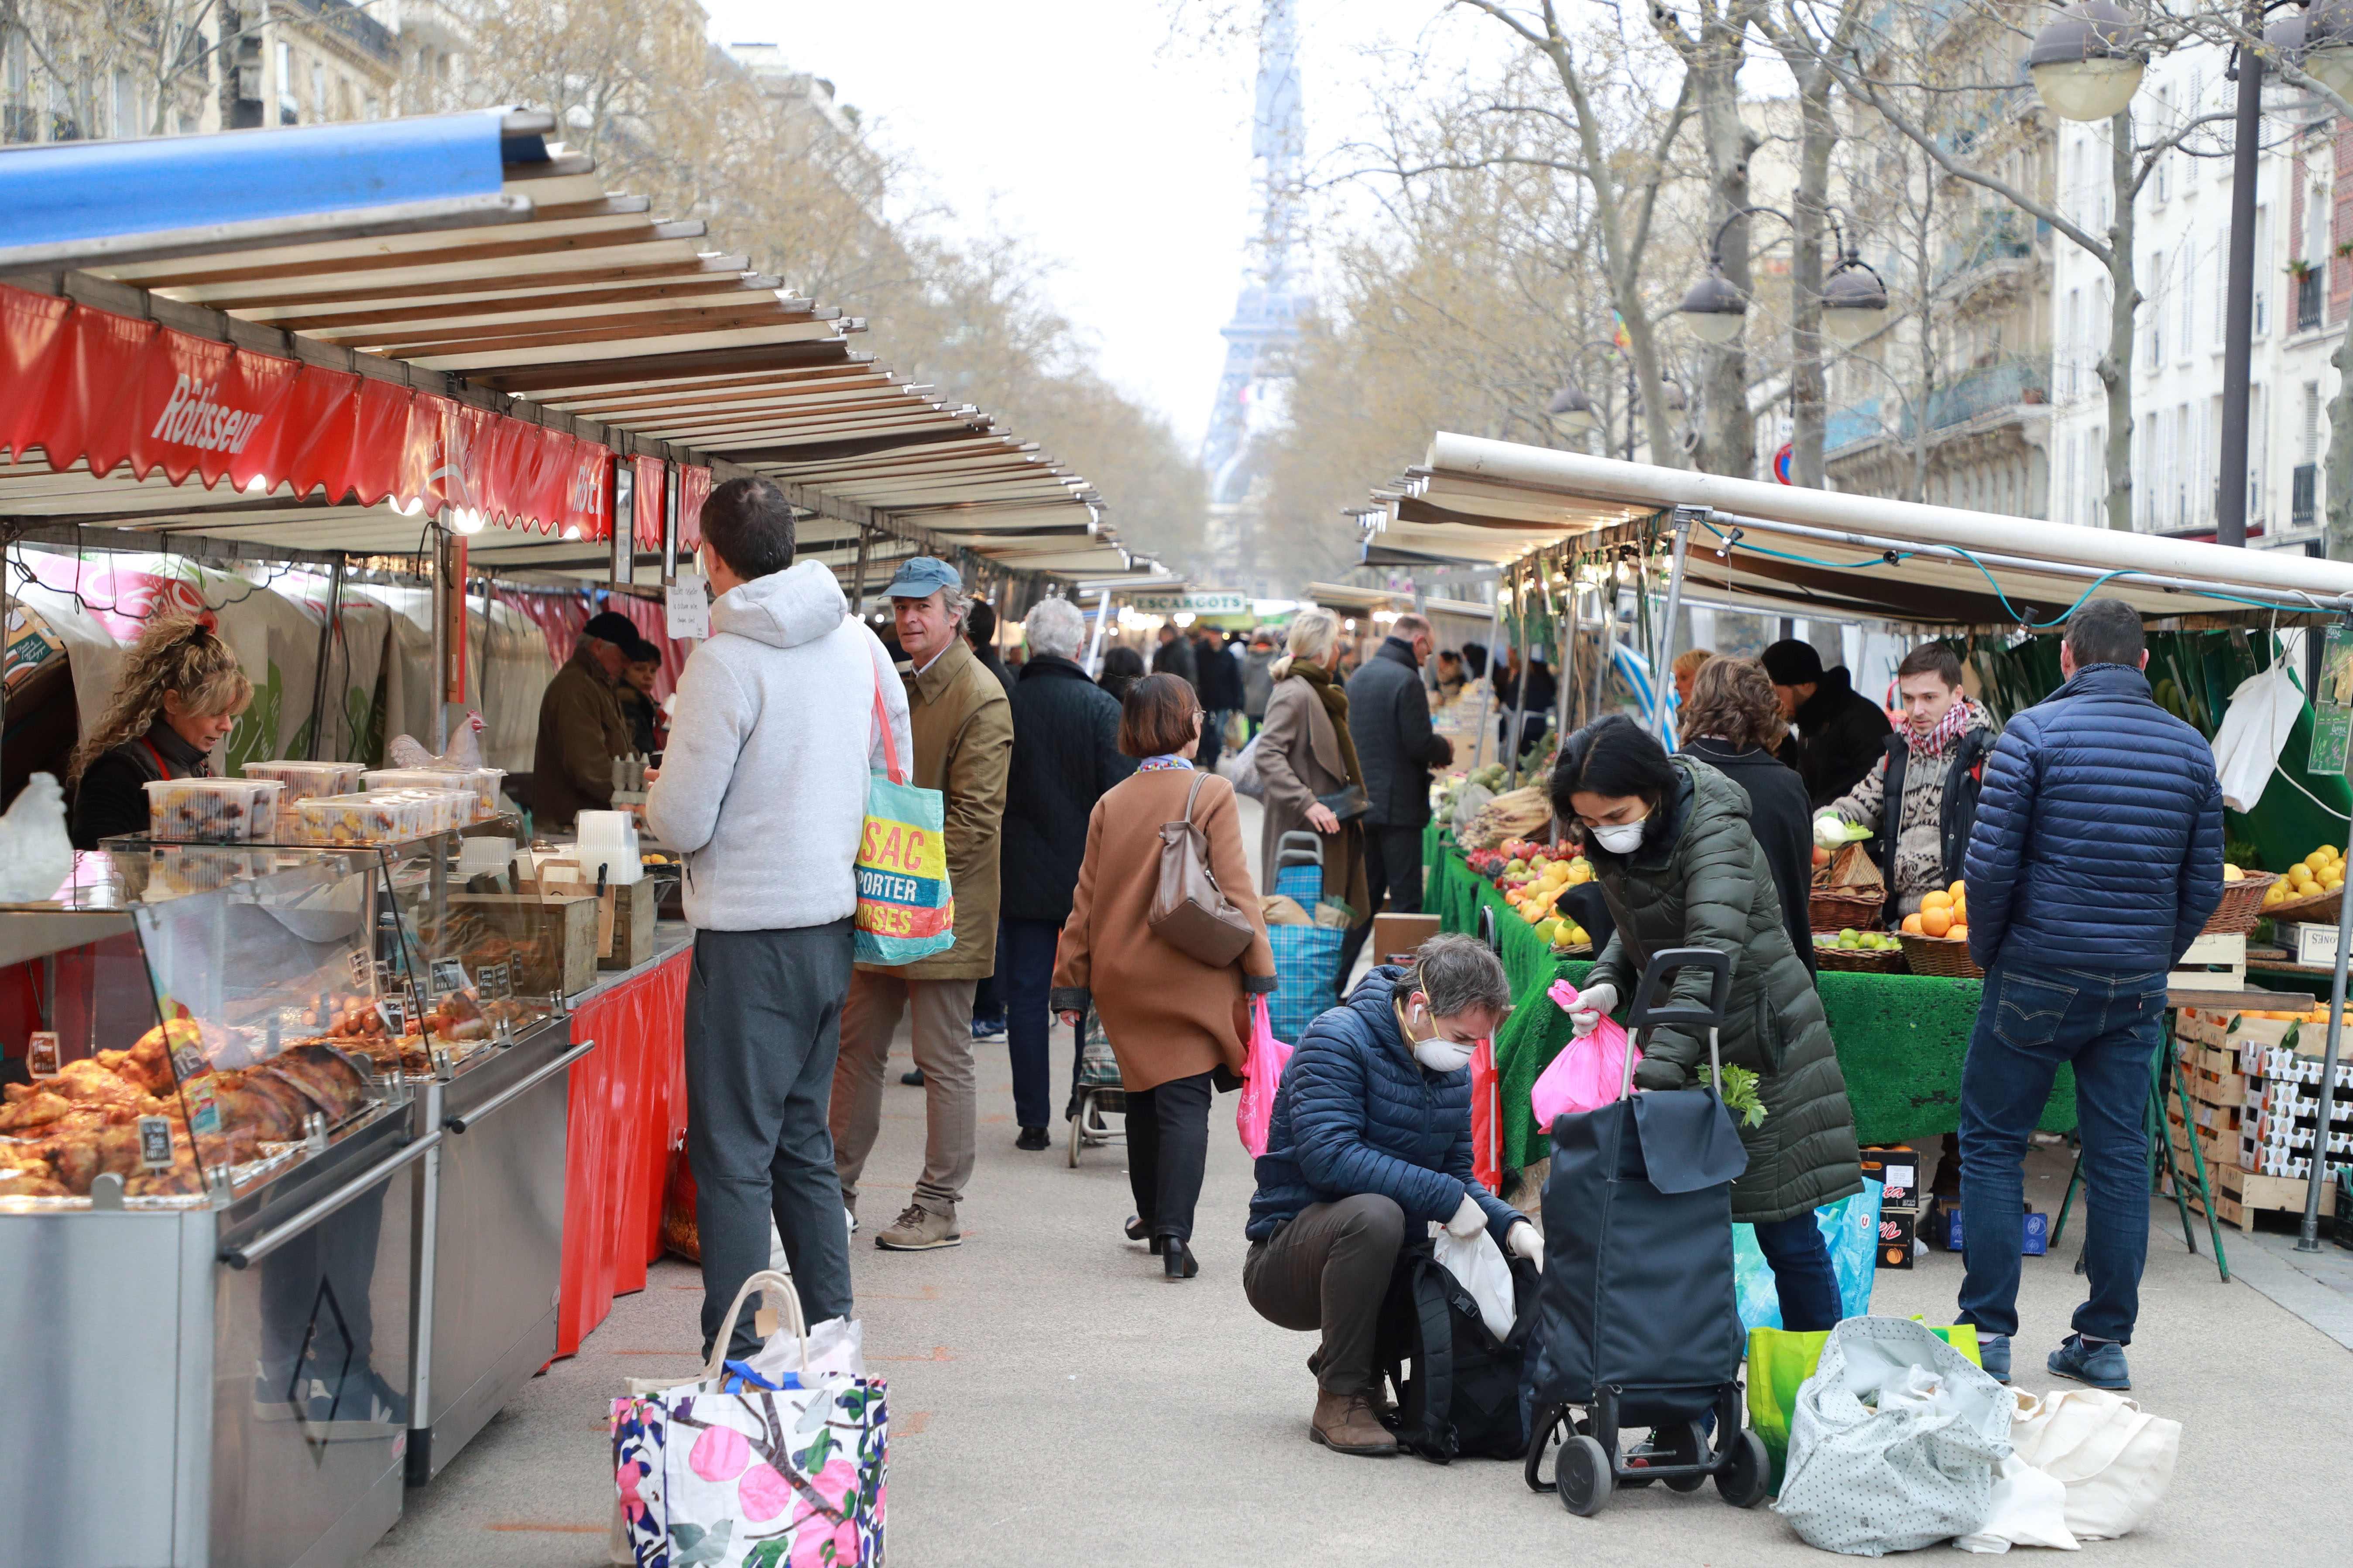 Hidalgo envisage la fermeture «des marchés qui poseraient problème» à Paris